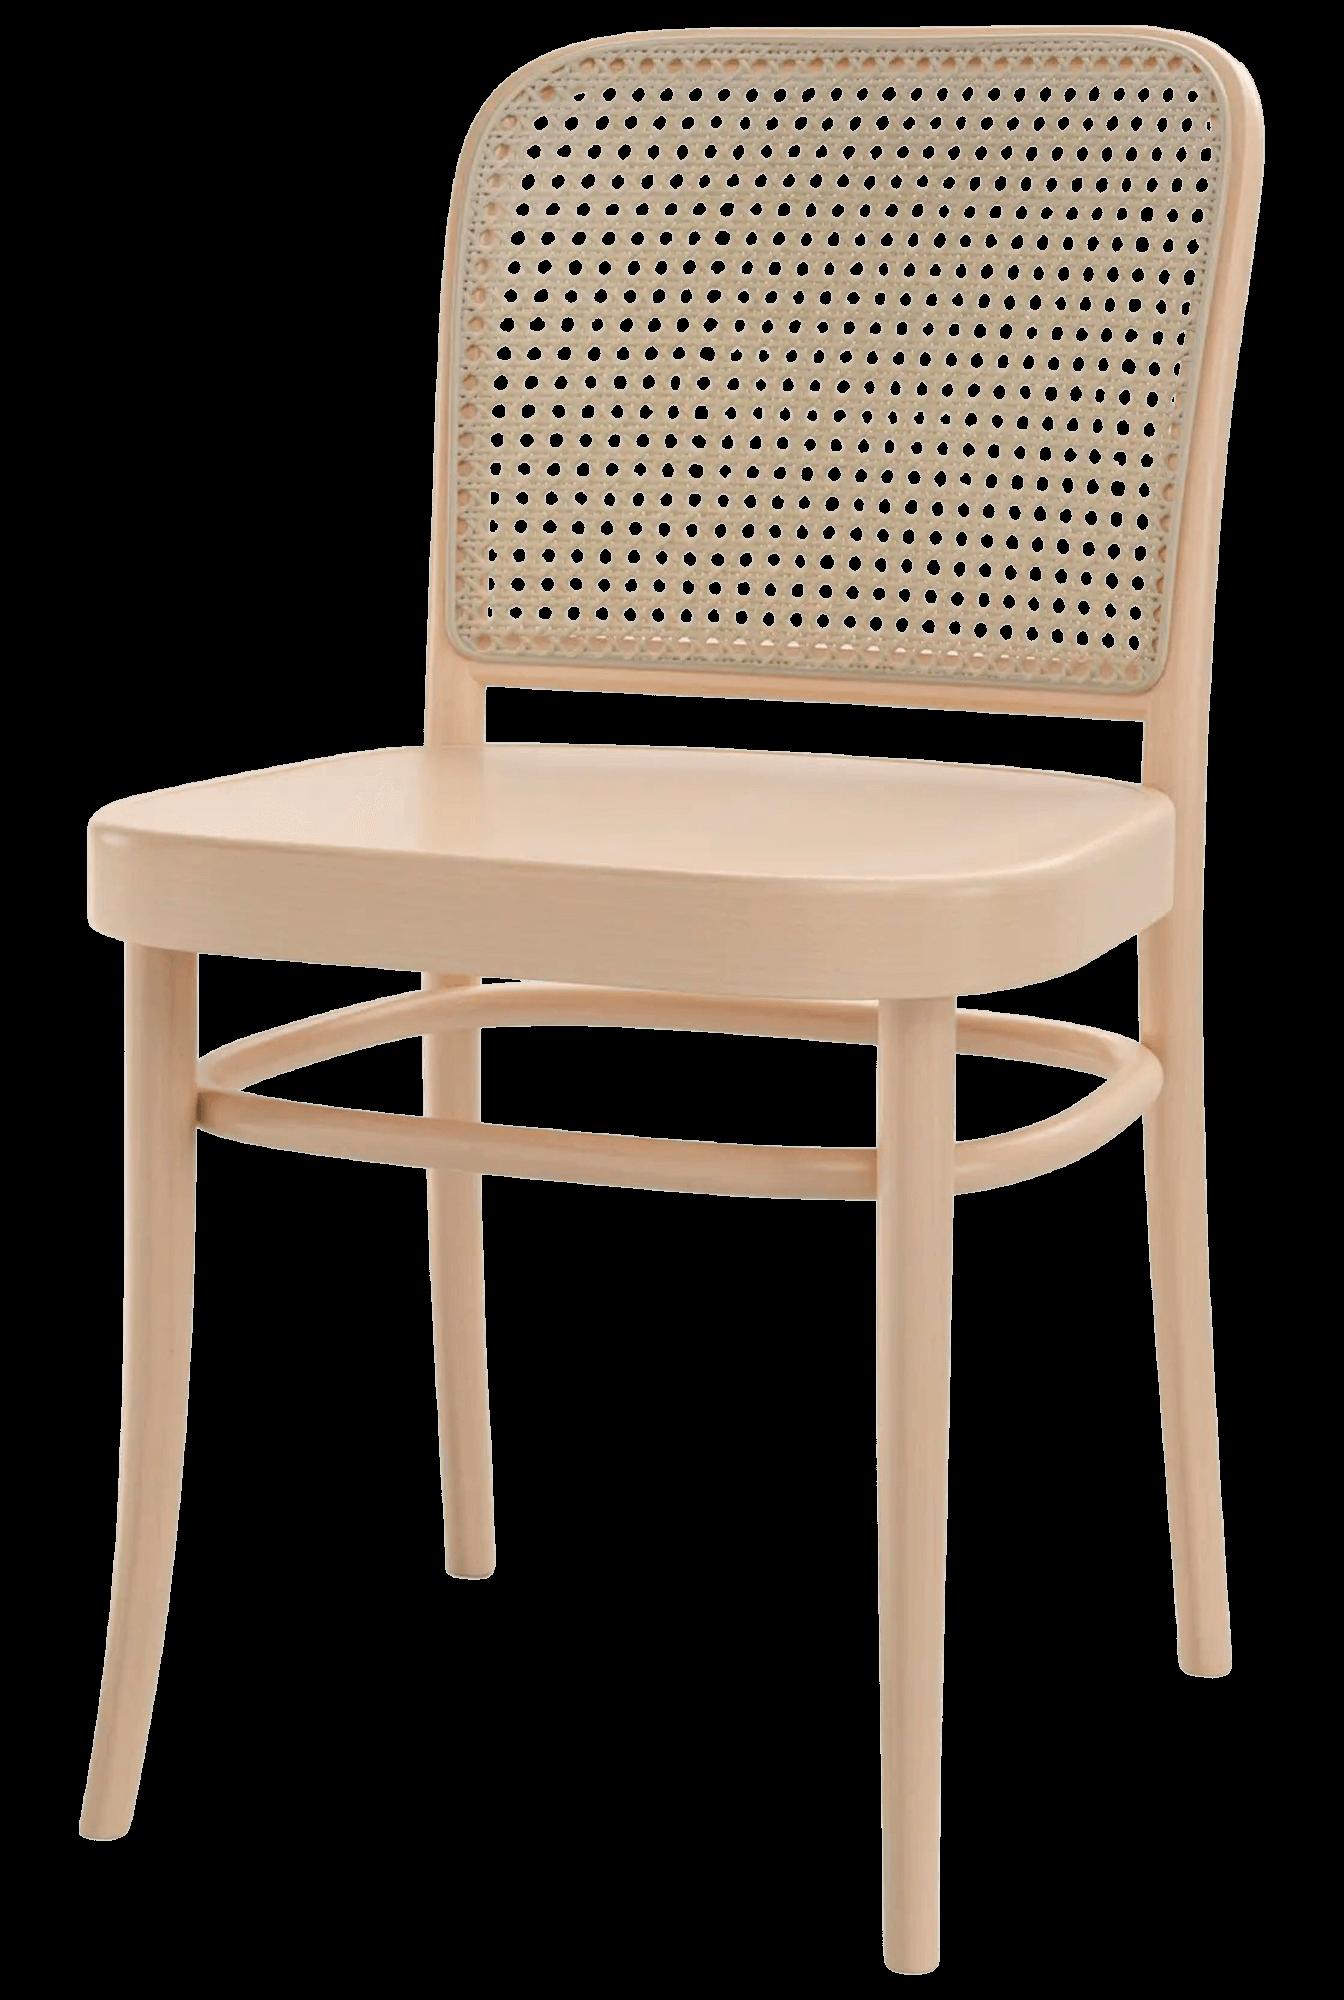 Chair 811